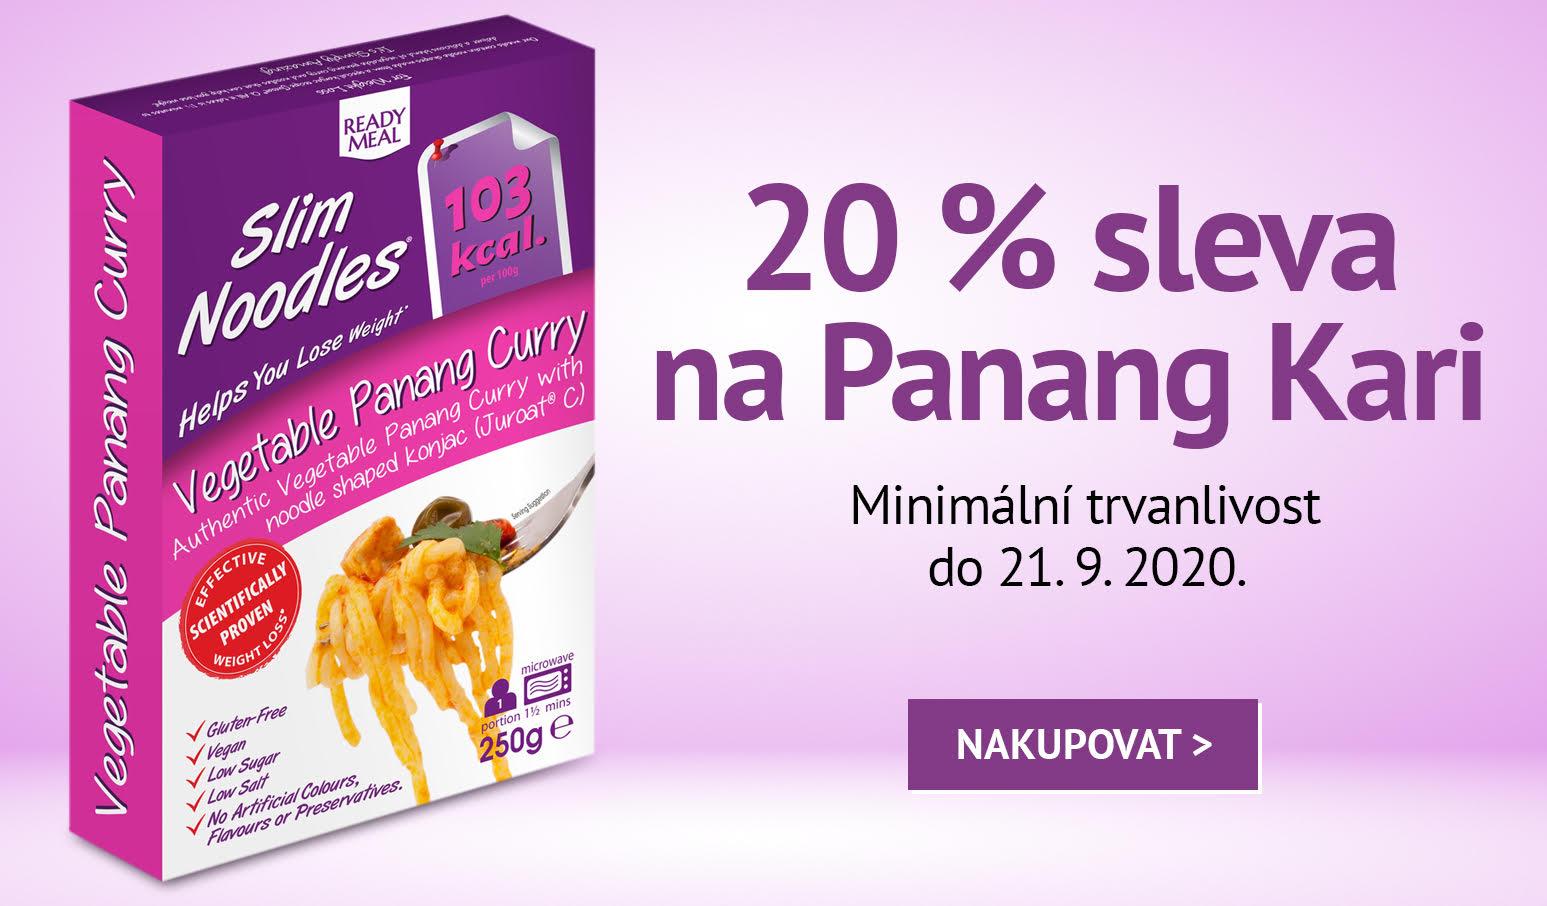 Panang Kari - 20 % sleva